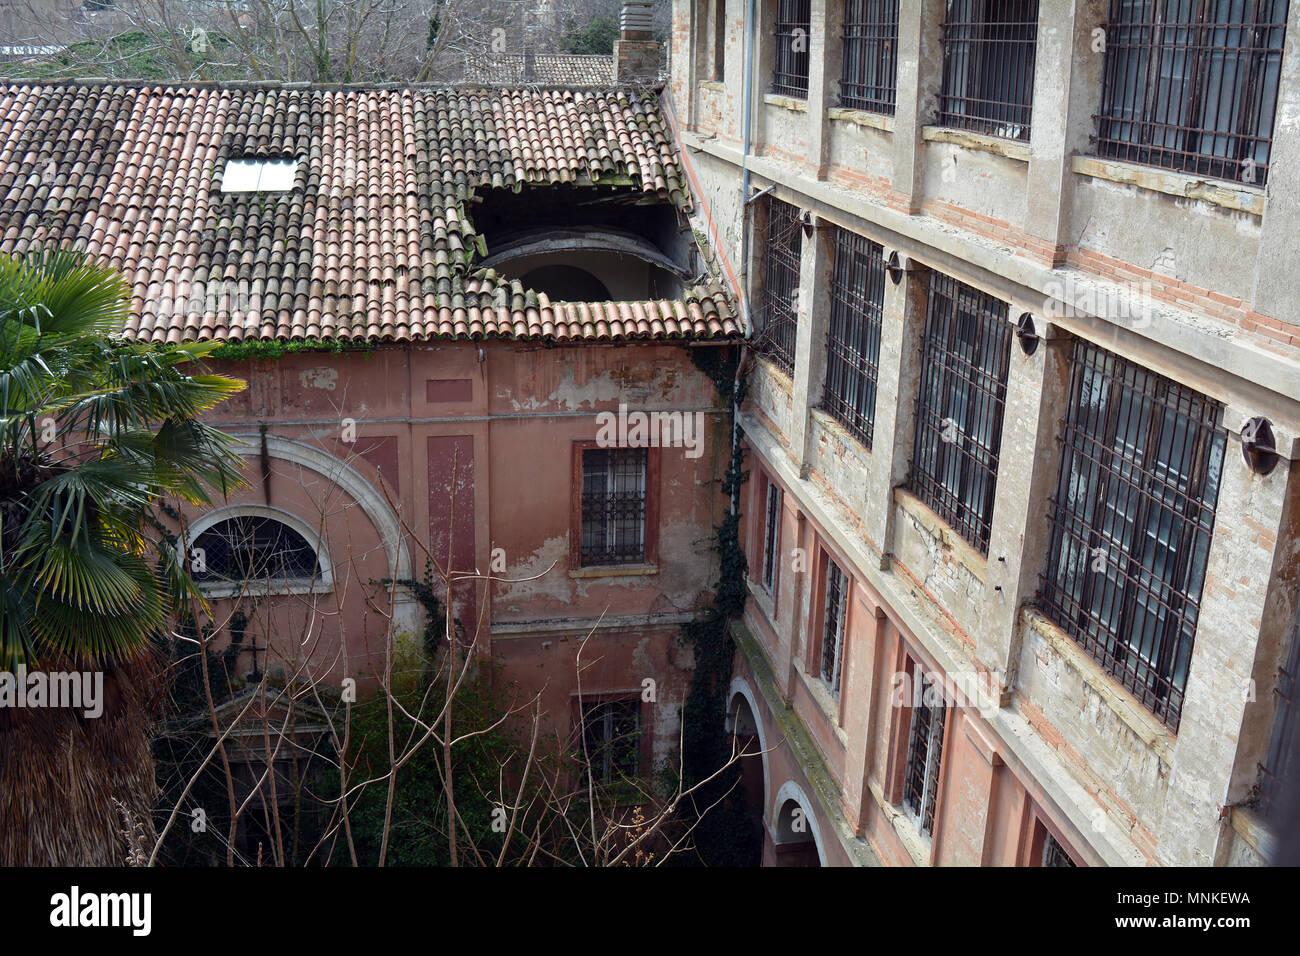 Blick auf Loch im Dach des verlassenen Italienischen psychiatrischen Krankenhaus Gebäude von der oberen Etage Stockbild